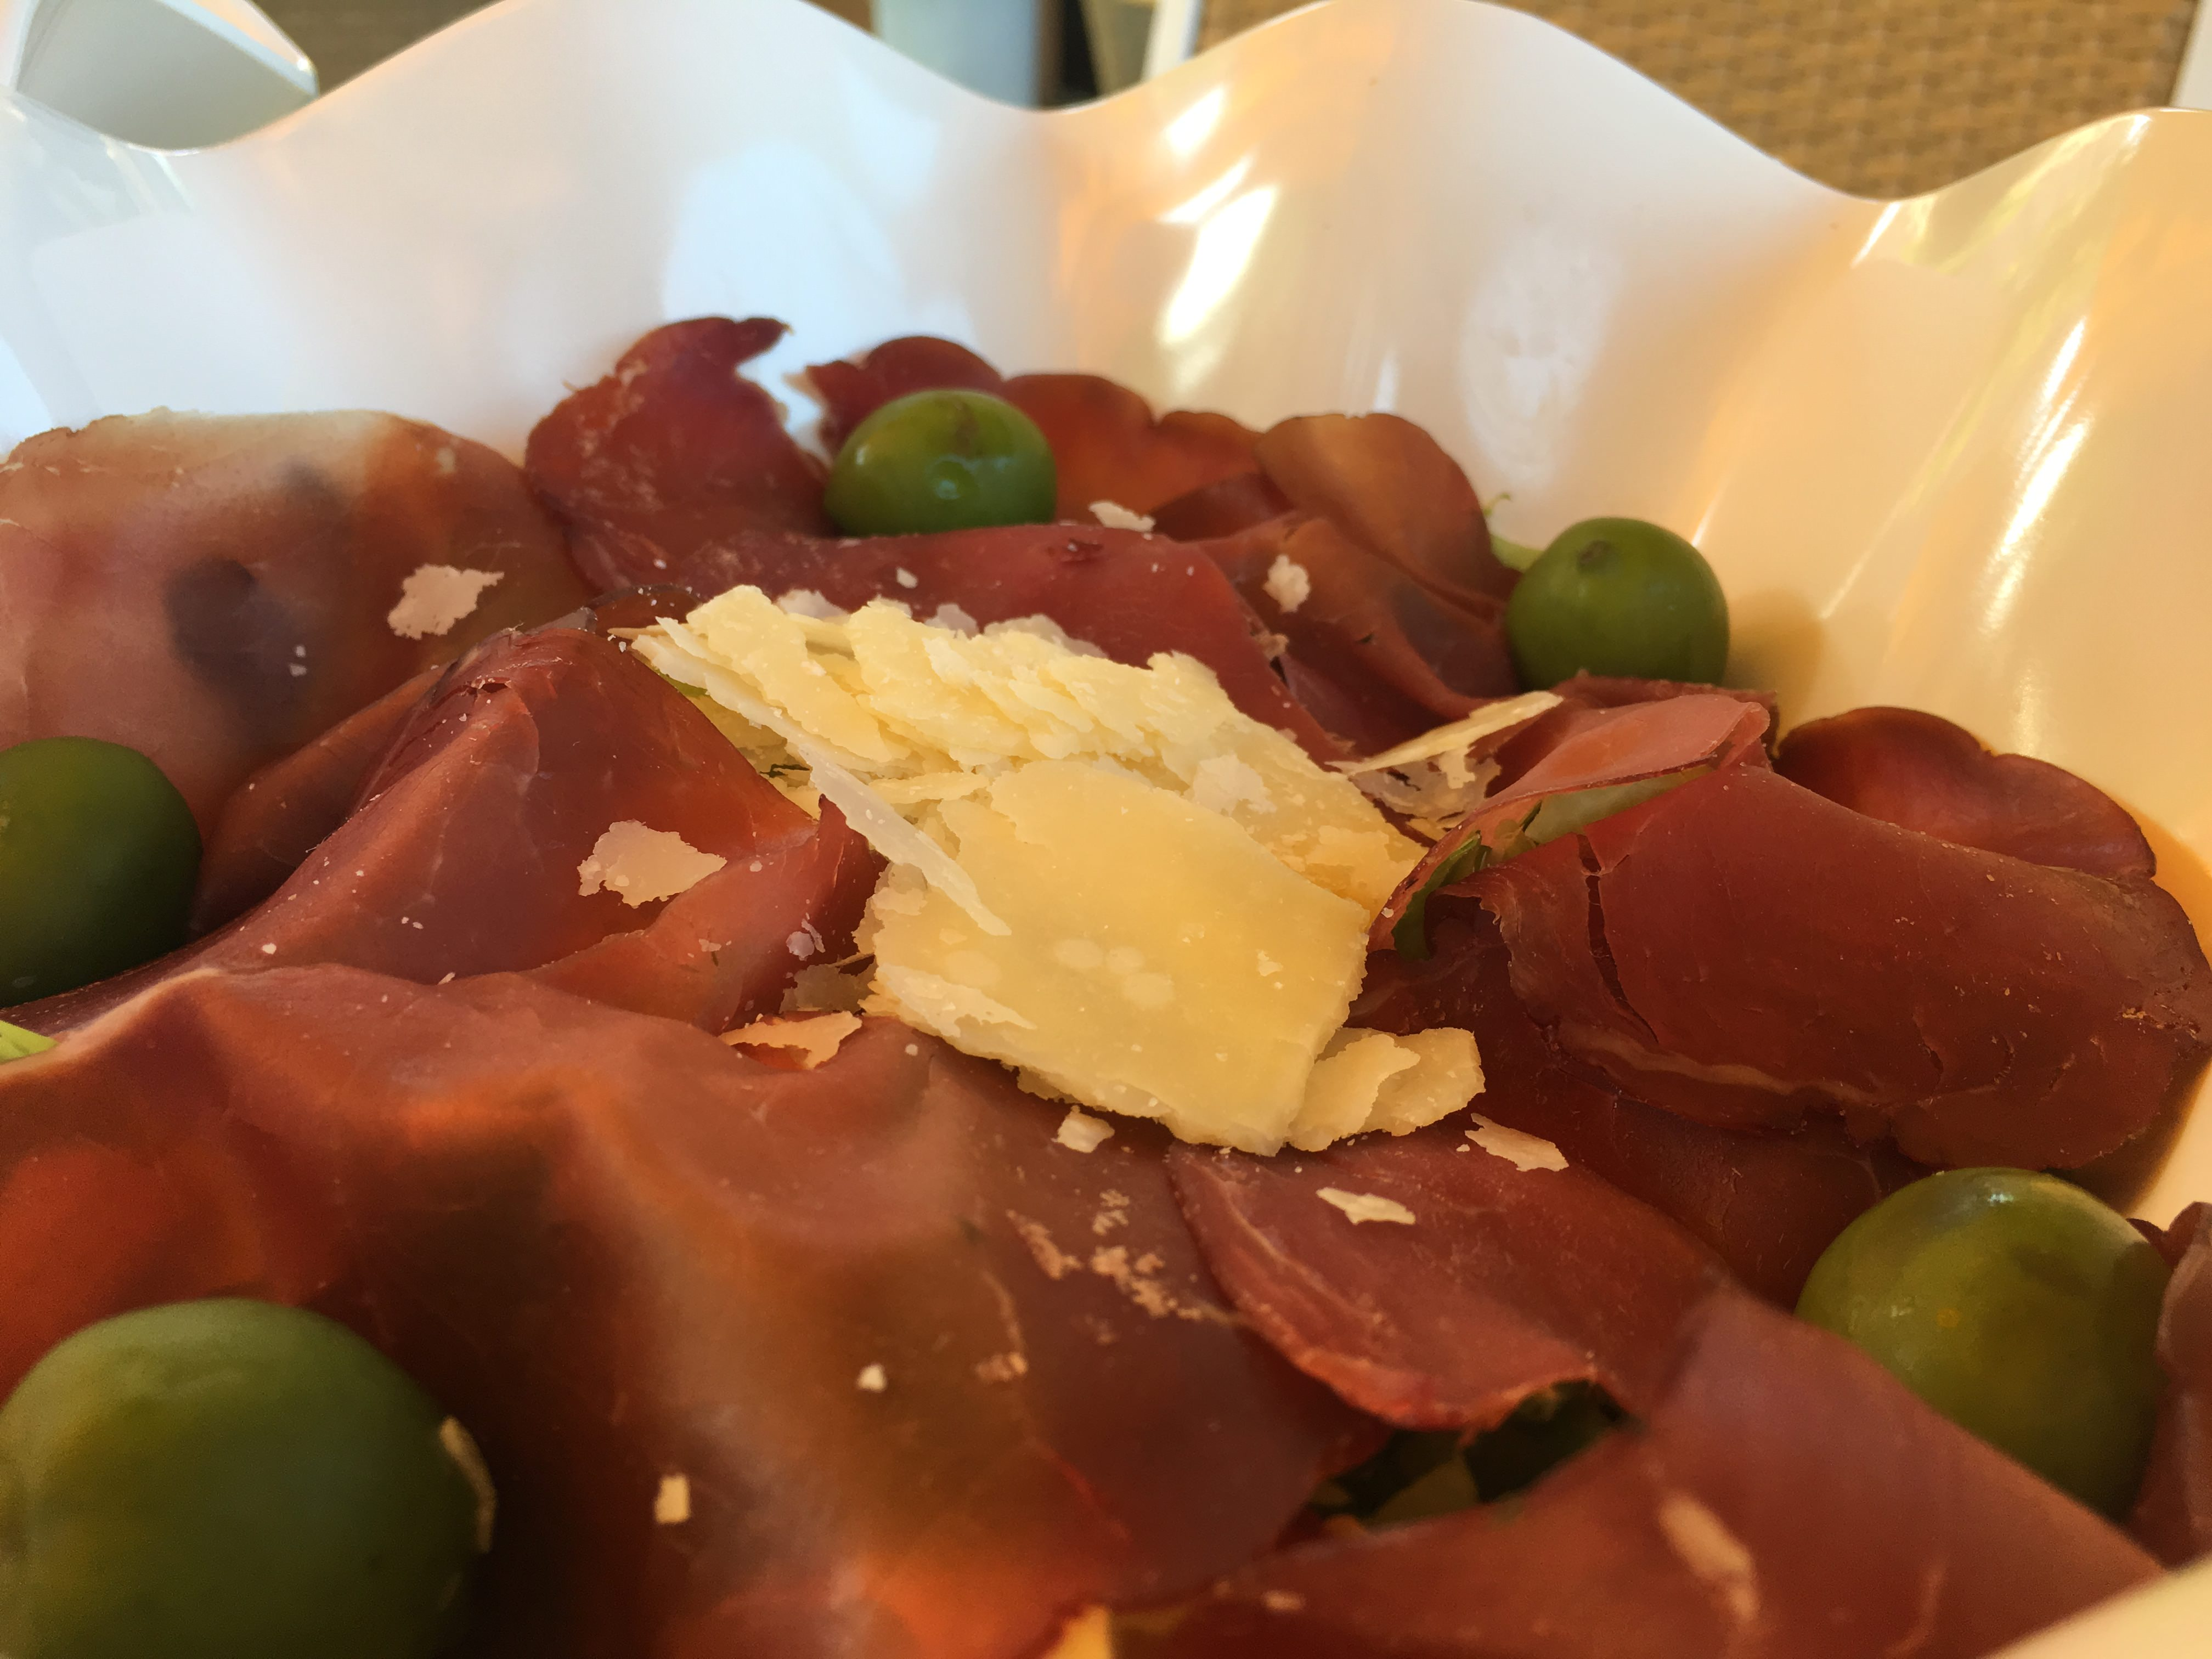 Le insalate compagne ideali di un pranzo fresco allo chalet ciro